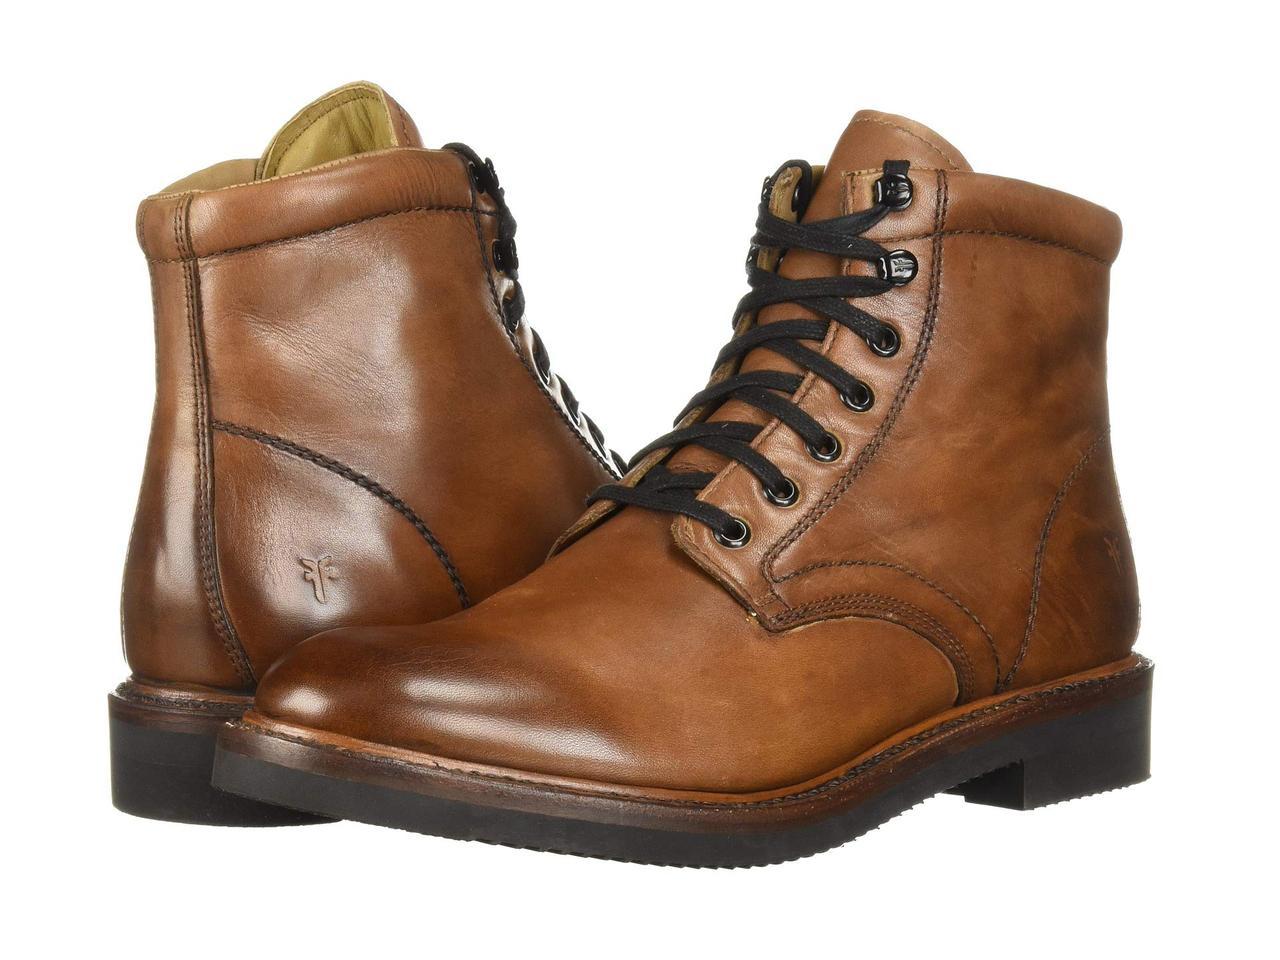 Ботинки Сапоги (Оригинал) Frye Gordon Lace-Up Cognac Hammered Dip ... 46d86fad19b